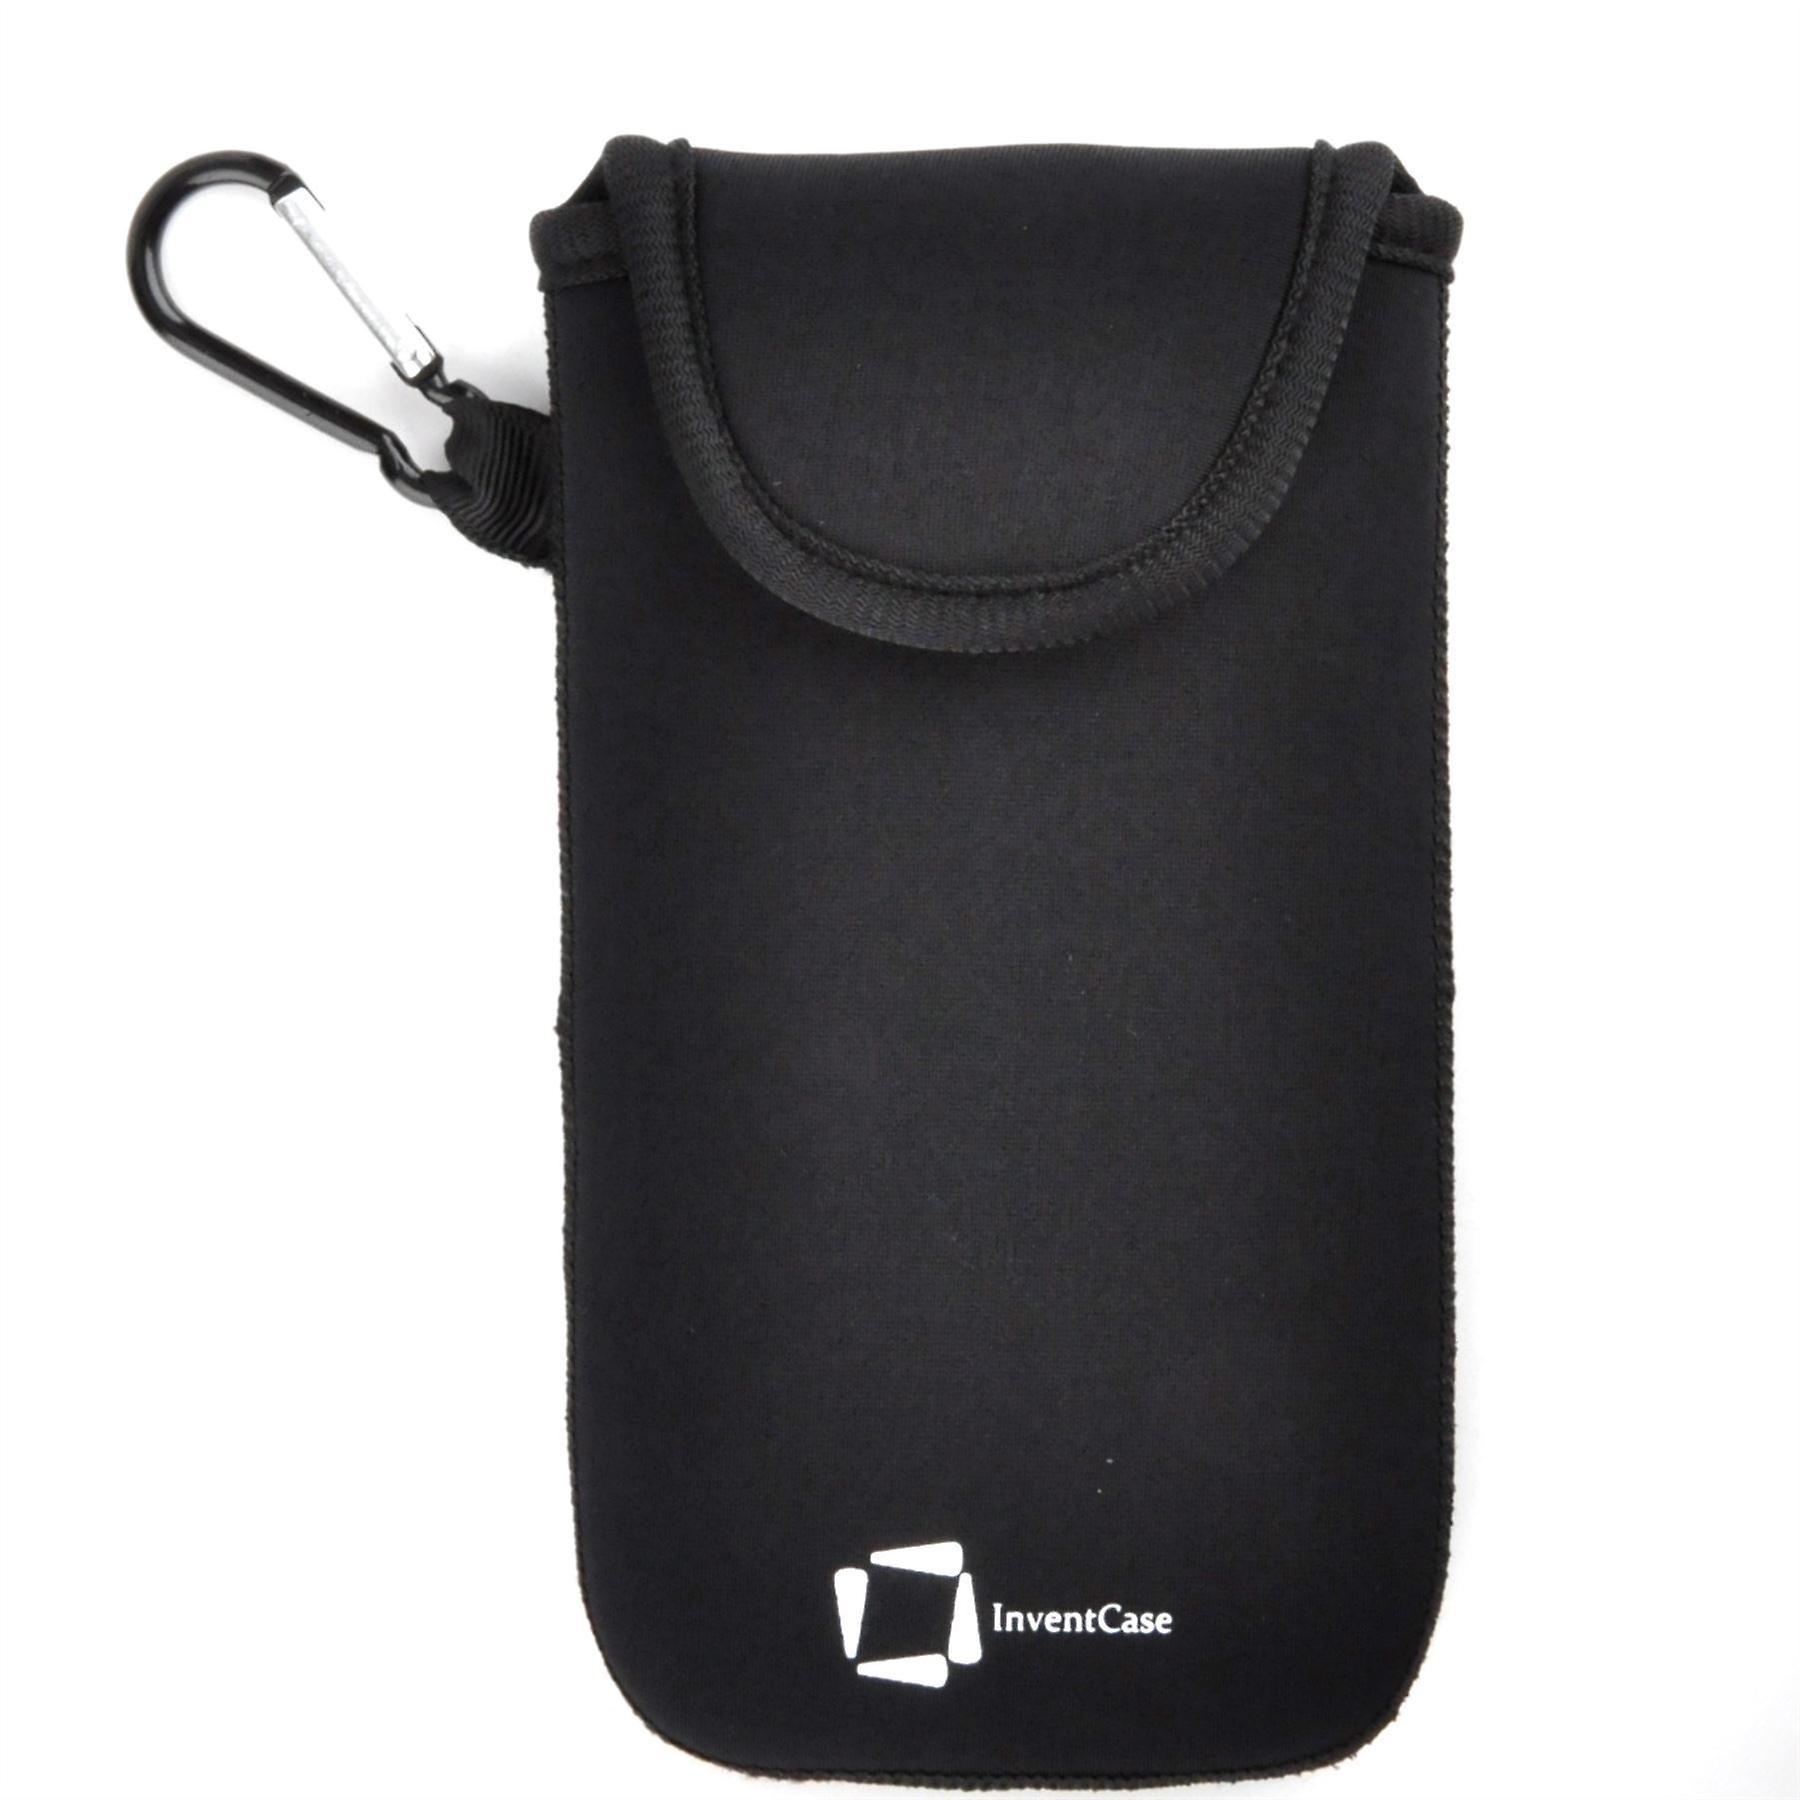 حقيبة تغطية القضية الحقيبة واقية مقاومة لتأثير النيوبرين إينفينتكاسي مع إغلاق Velcro و Carabiner الألومنيوم لايس غالاكسي سامسونج 3-أسود